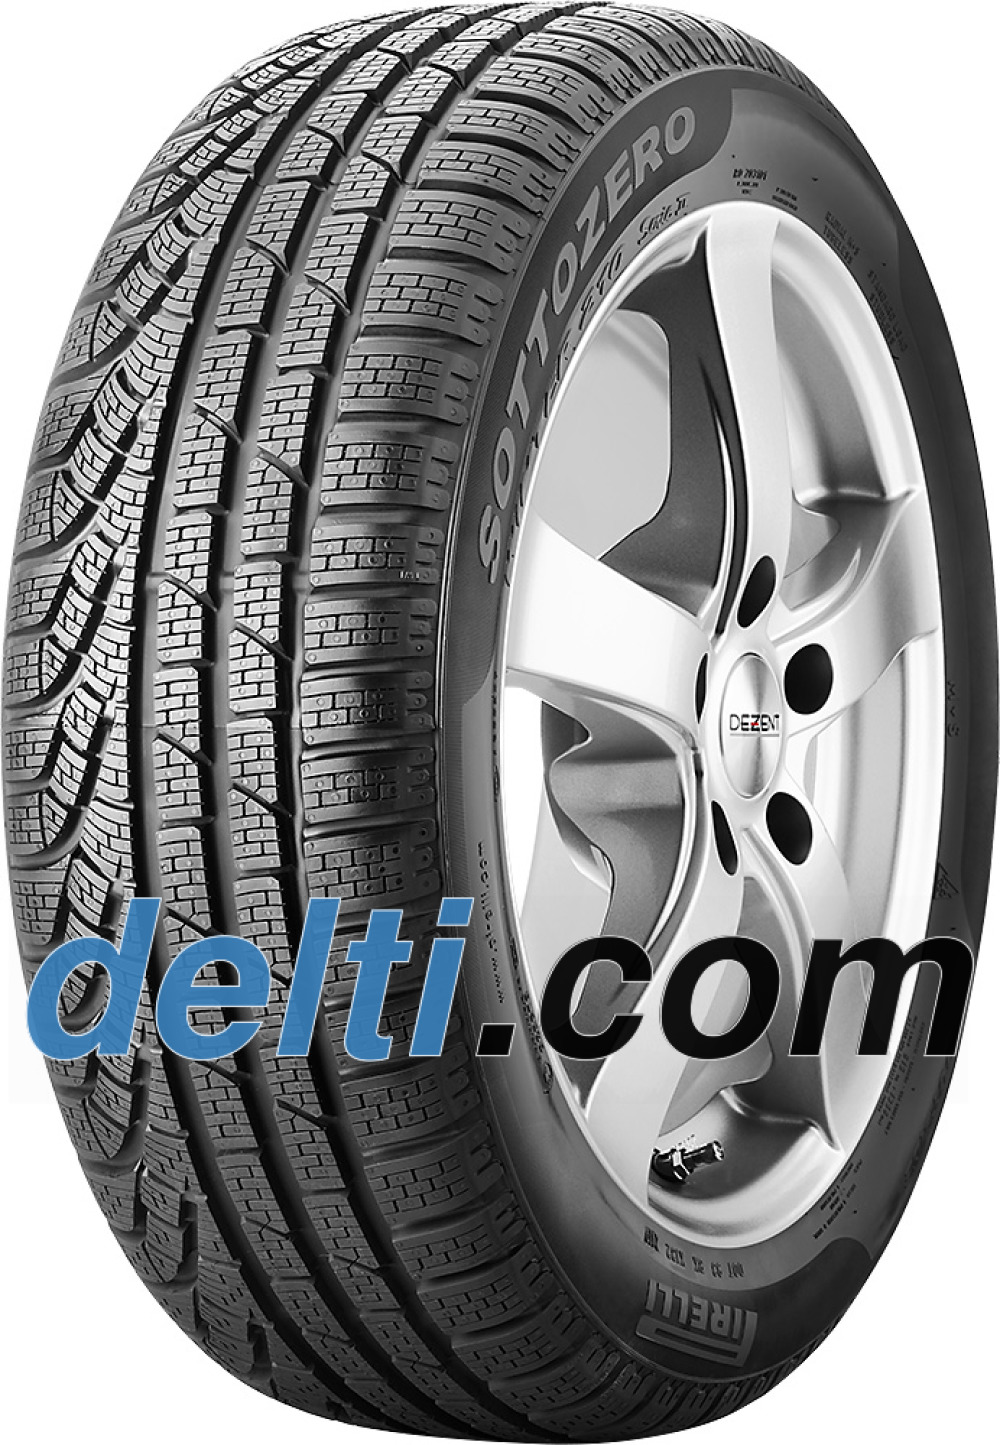 Pirelli W 210 SottoZero S2 ( 215/45 R17 91H XL )